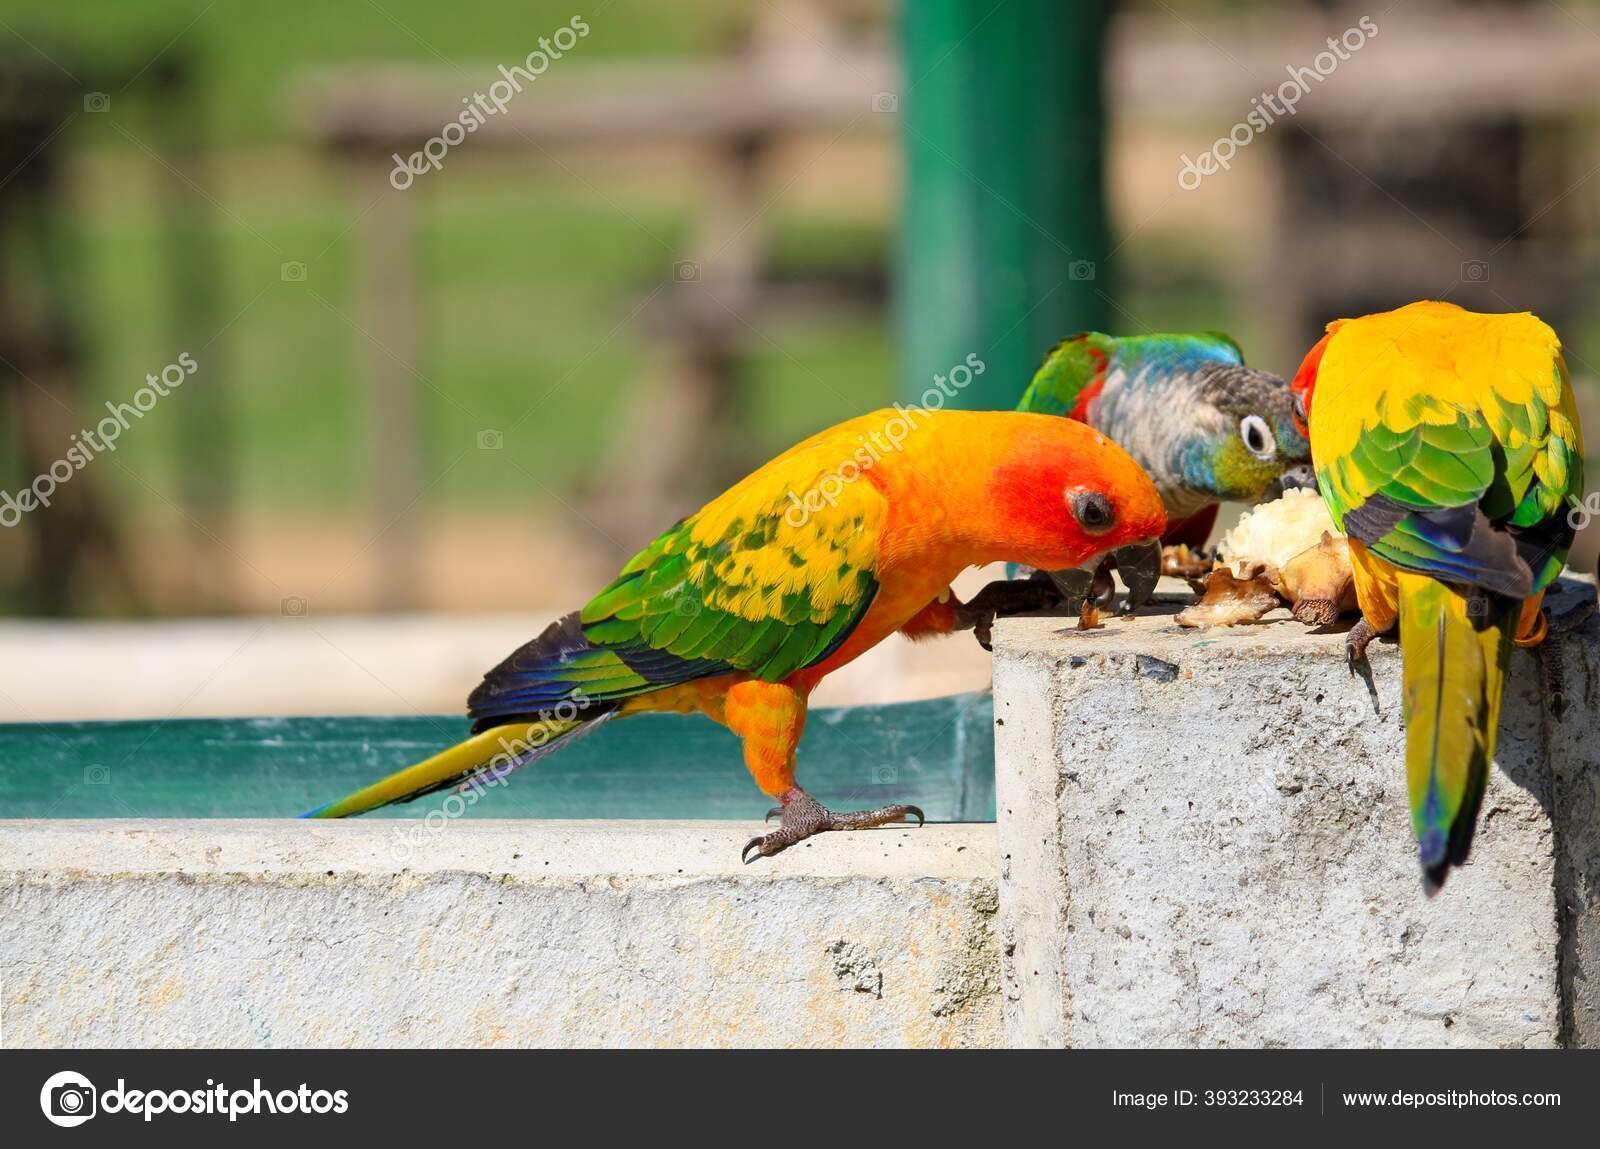 Burung Beo Berwarna Warni Dengan Paruh Hitam Makan Bersama Sama Stok Foto C Wirestock 393233284